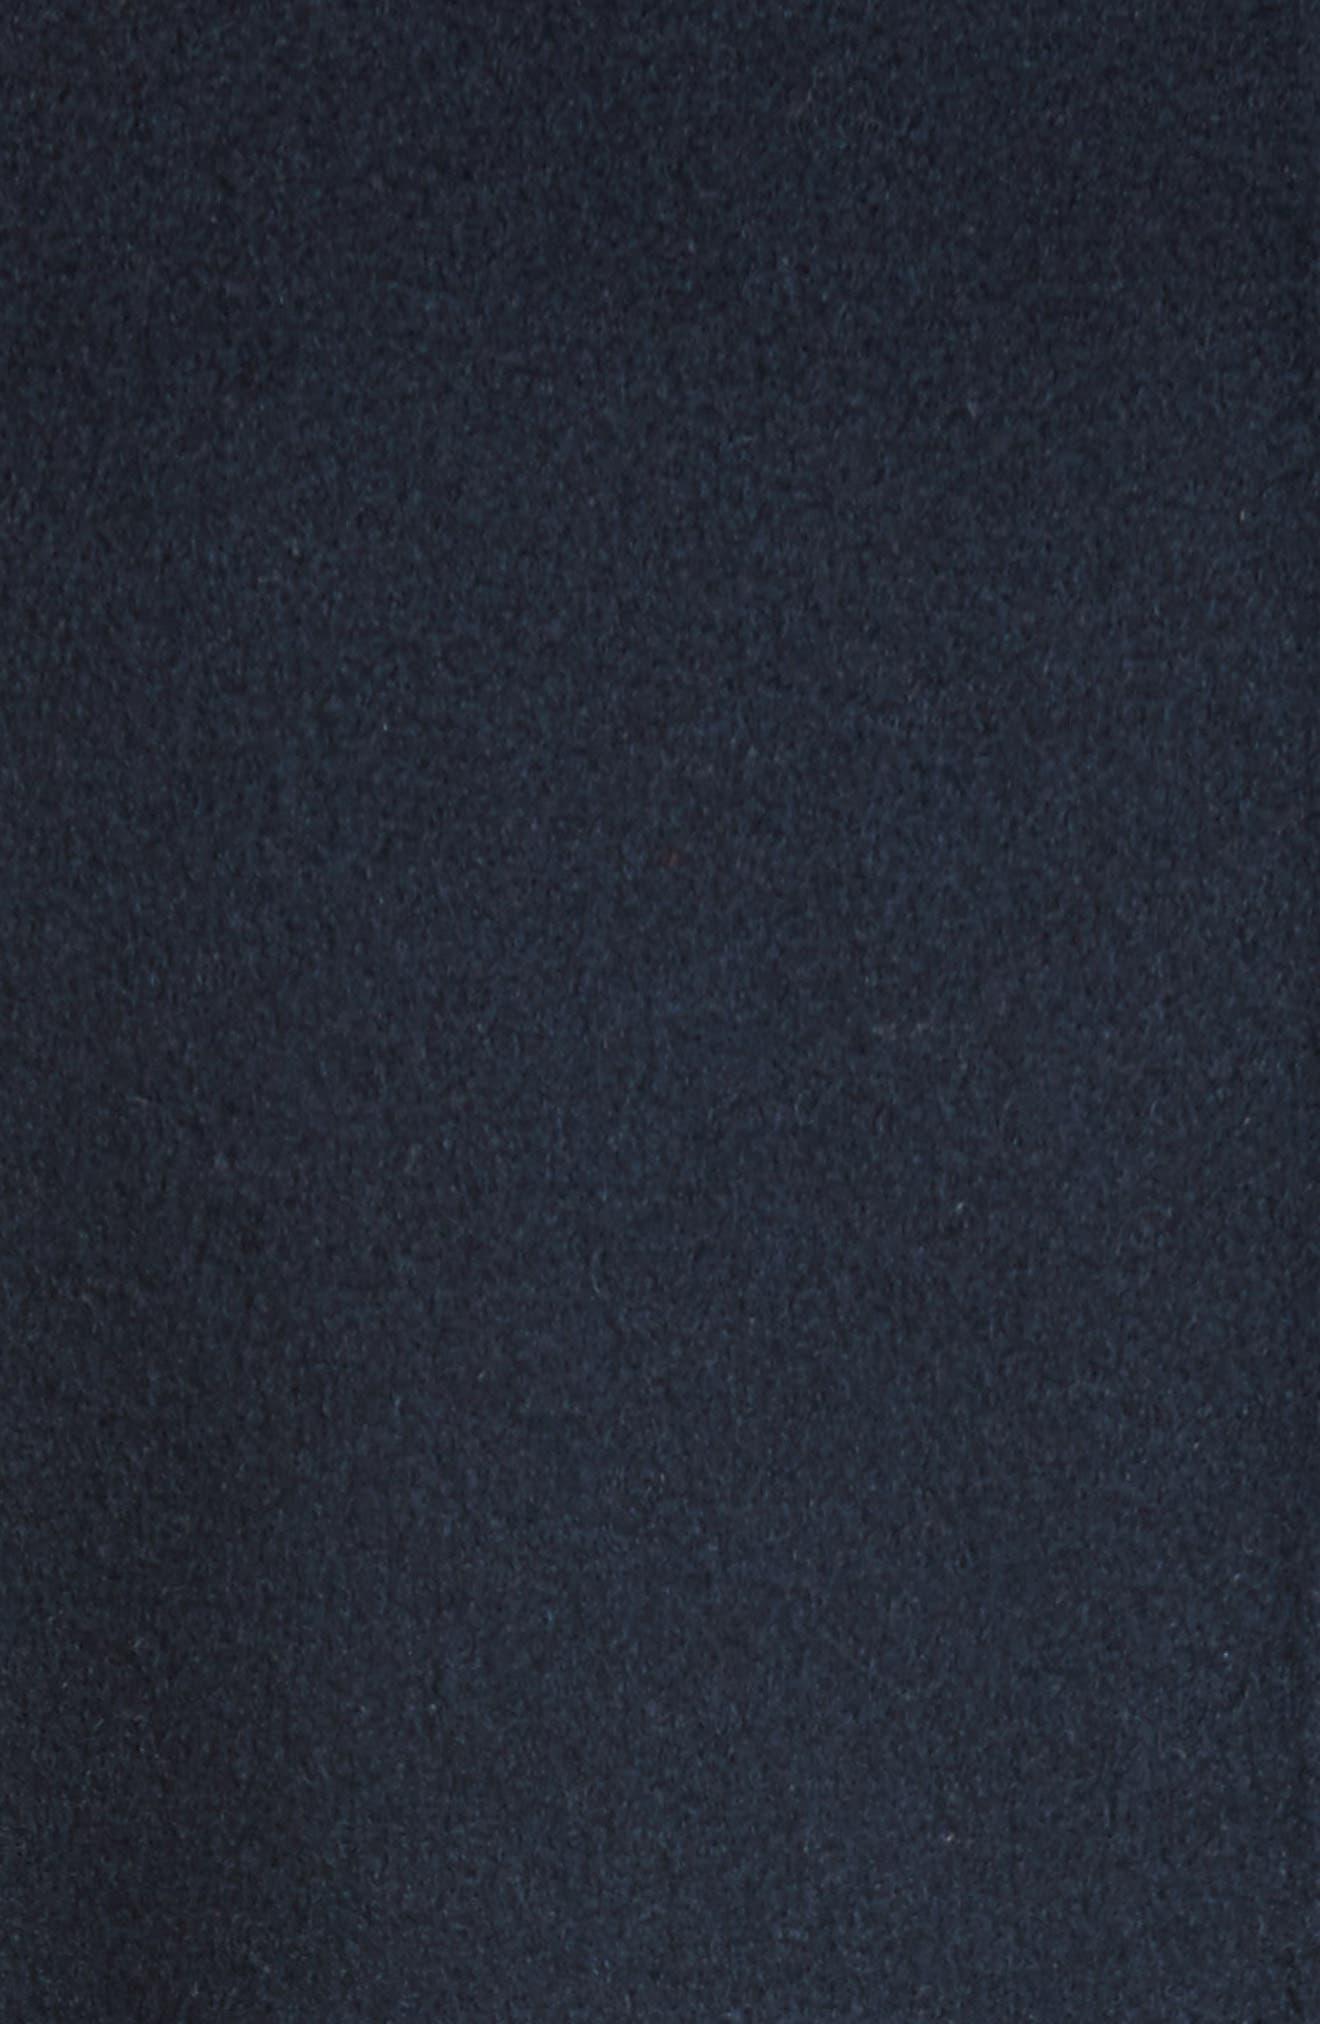 Double Face Cashmere Coat,                             Alternate thumbnail 5, color,                             457